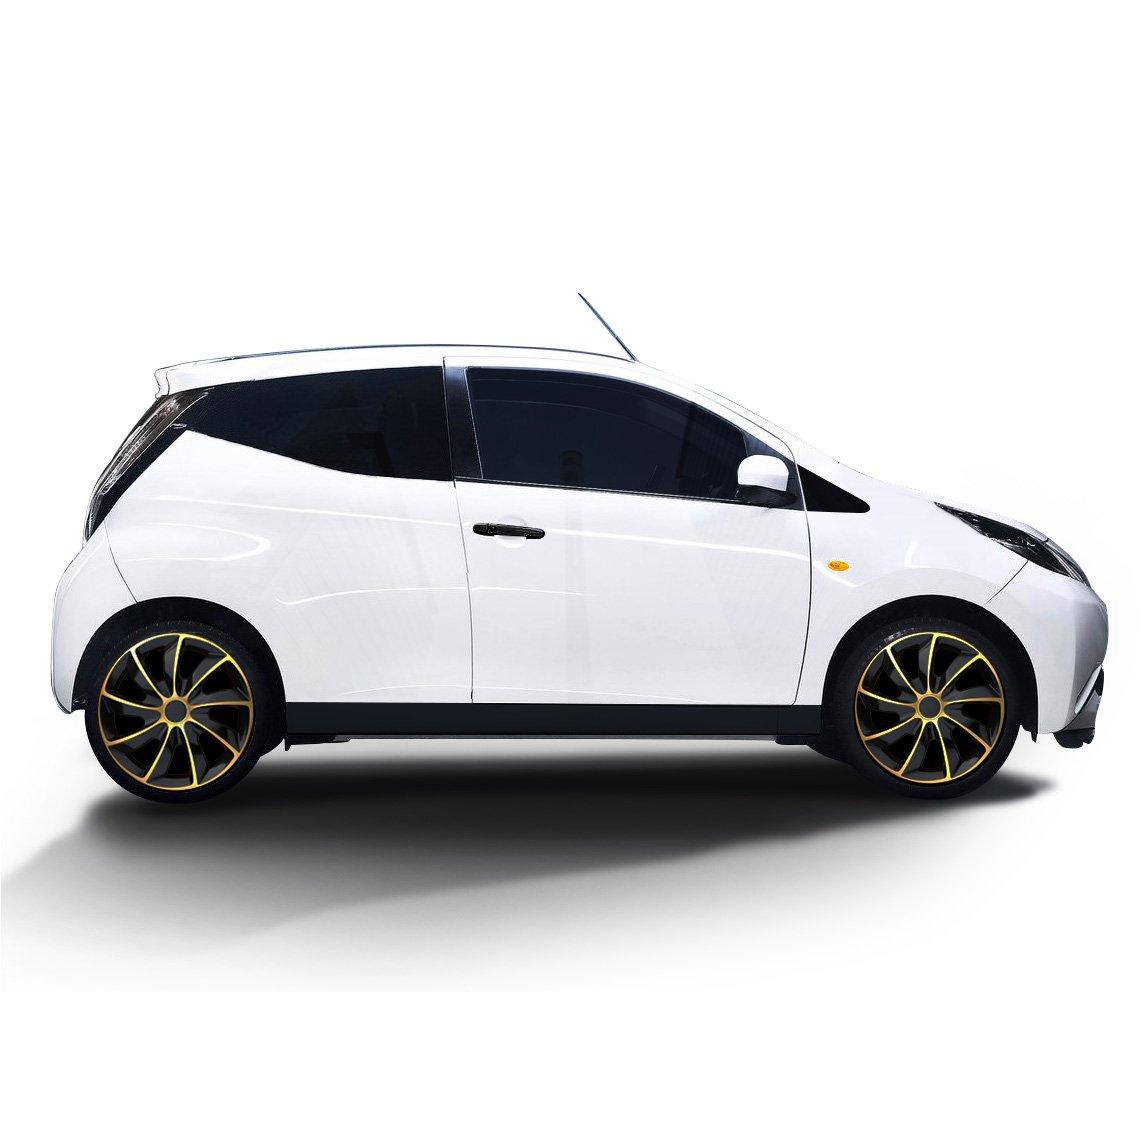 Schwarz-Gold universal passend f/ür Fast alle Fahrzeugtypen Eight Tec Handelsagentur RADKAPPEN K/ÖNIG 16 Zoll Radkappen//Radzierblenden 02RK Bicolor